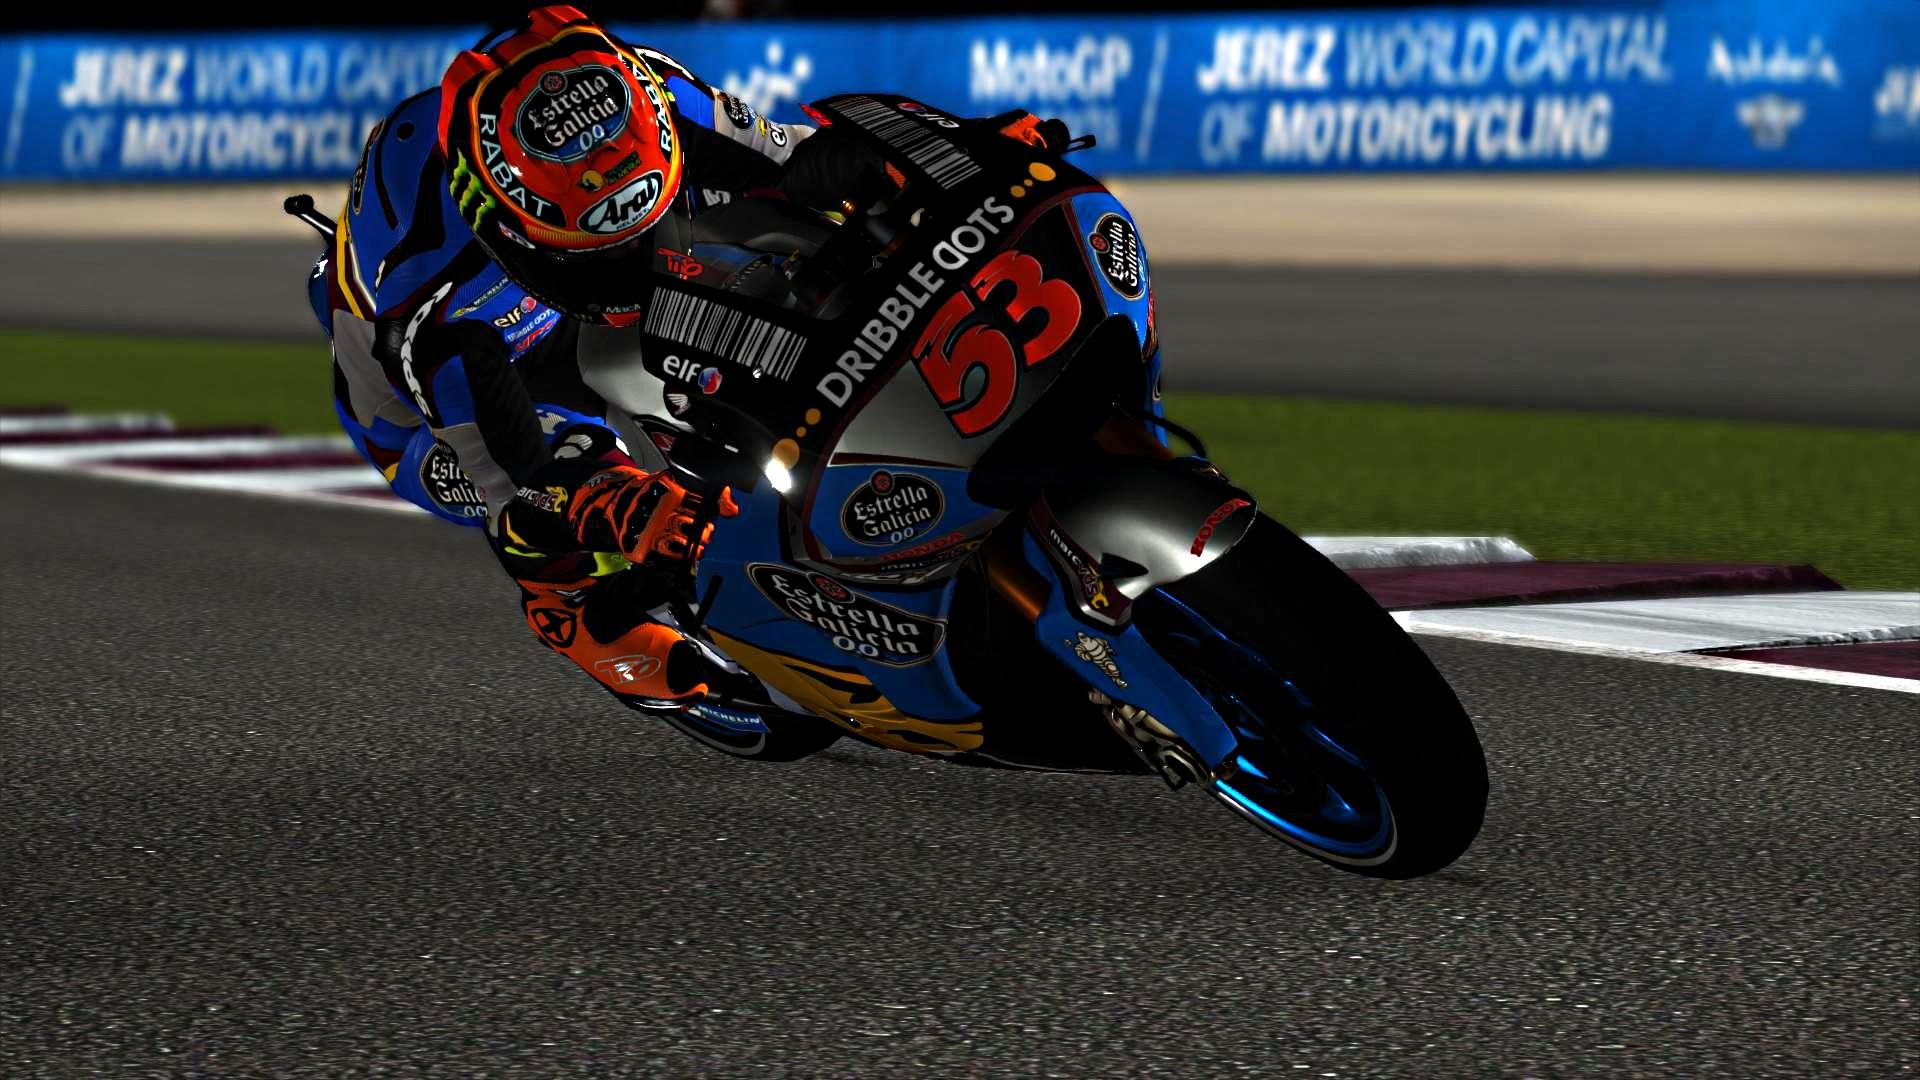 MotoGPVR46X64 2016-07-08 21-25-16-70.jpg